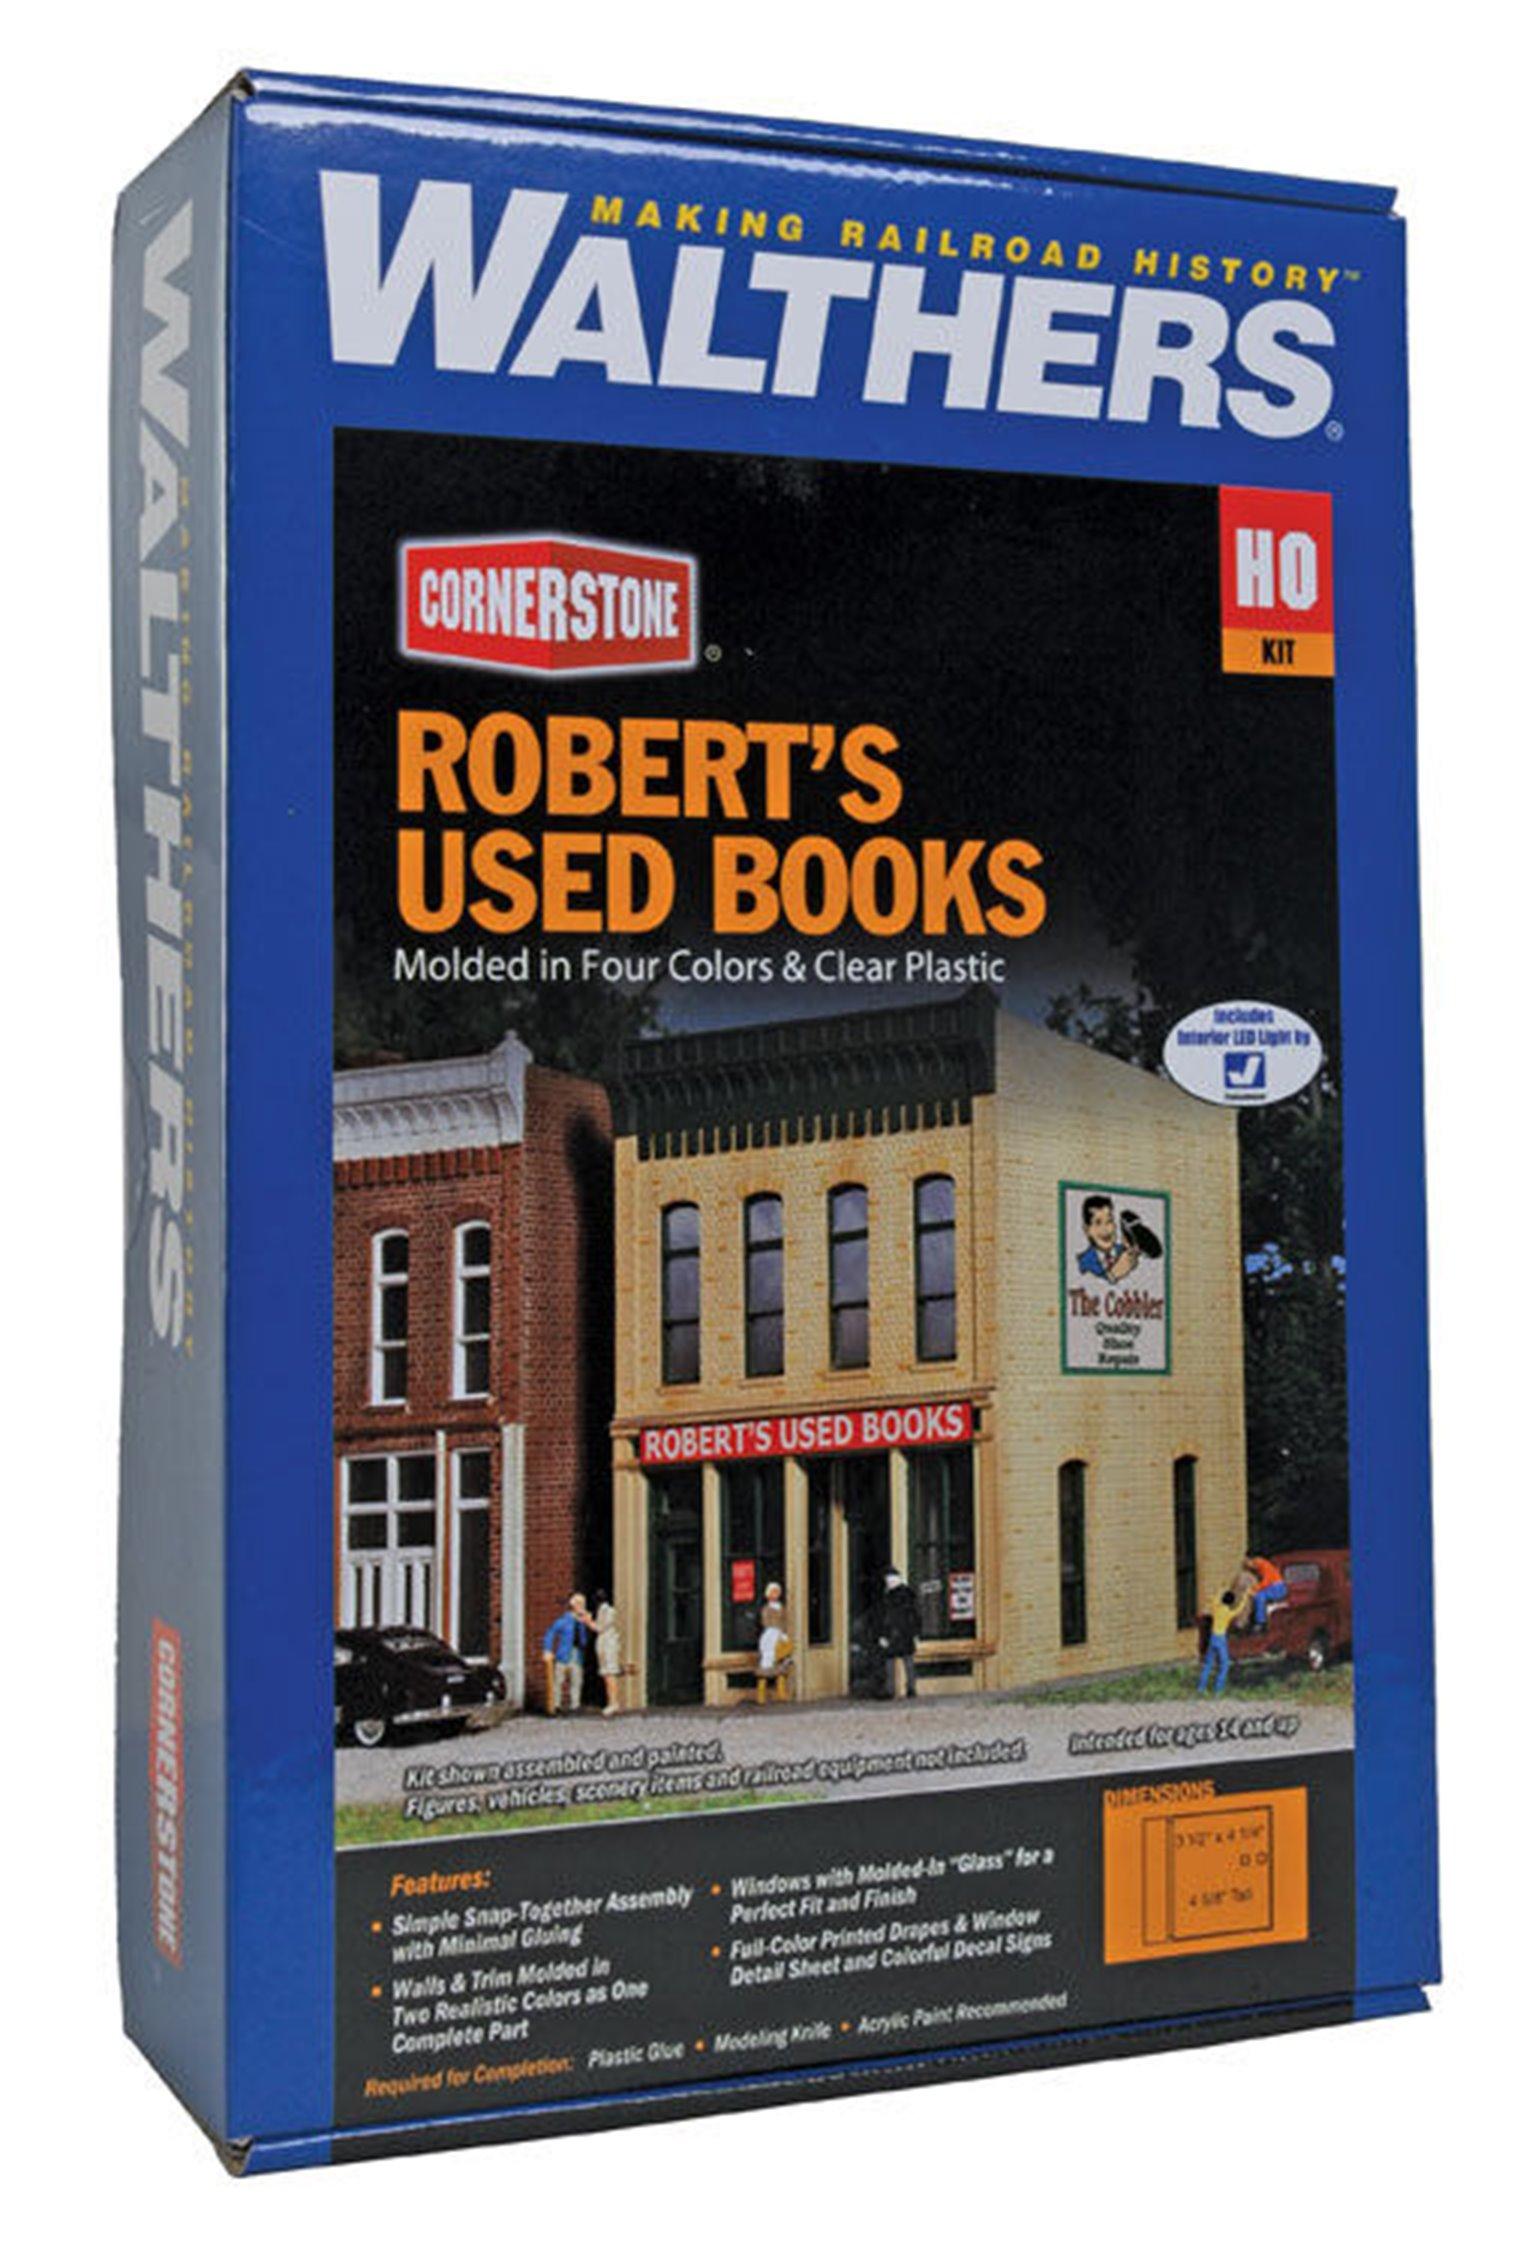 Robert's Used Books Plastic Kit